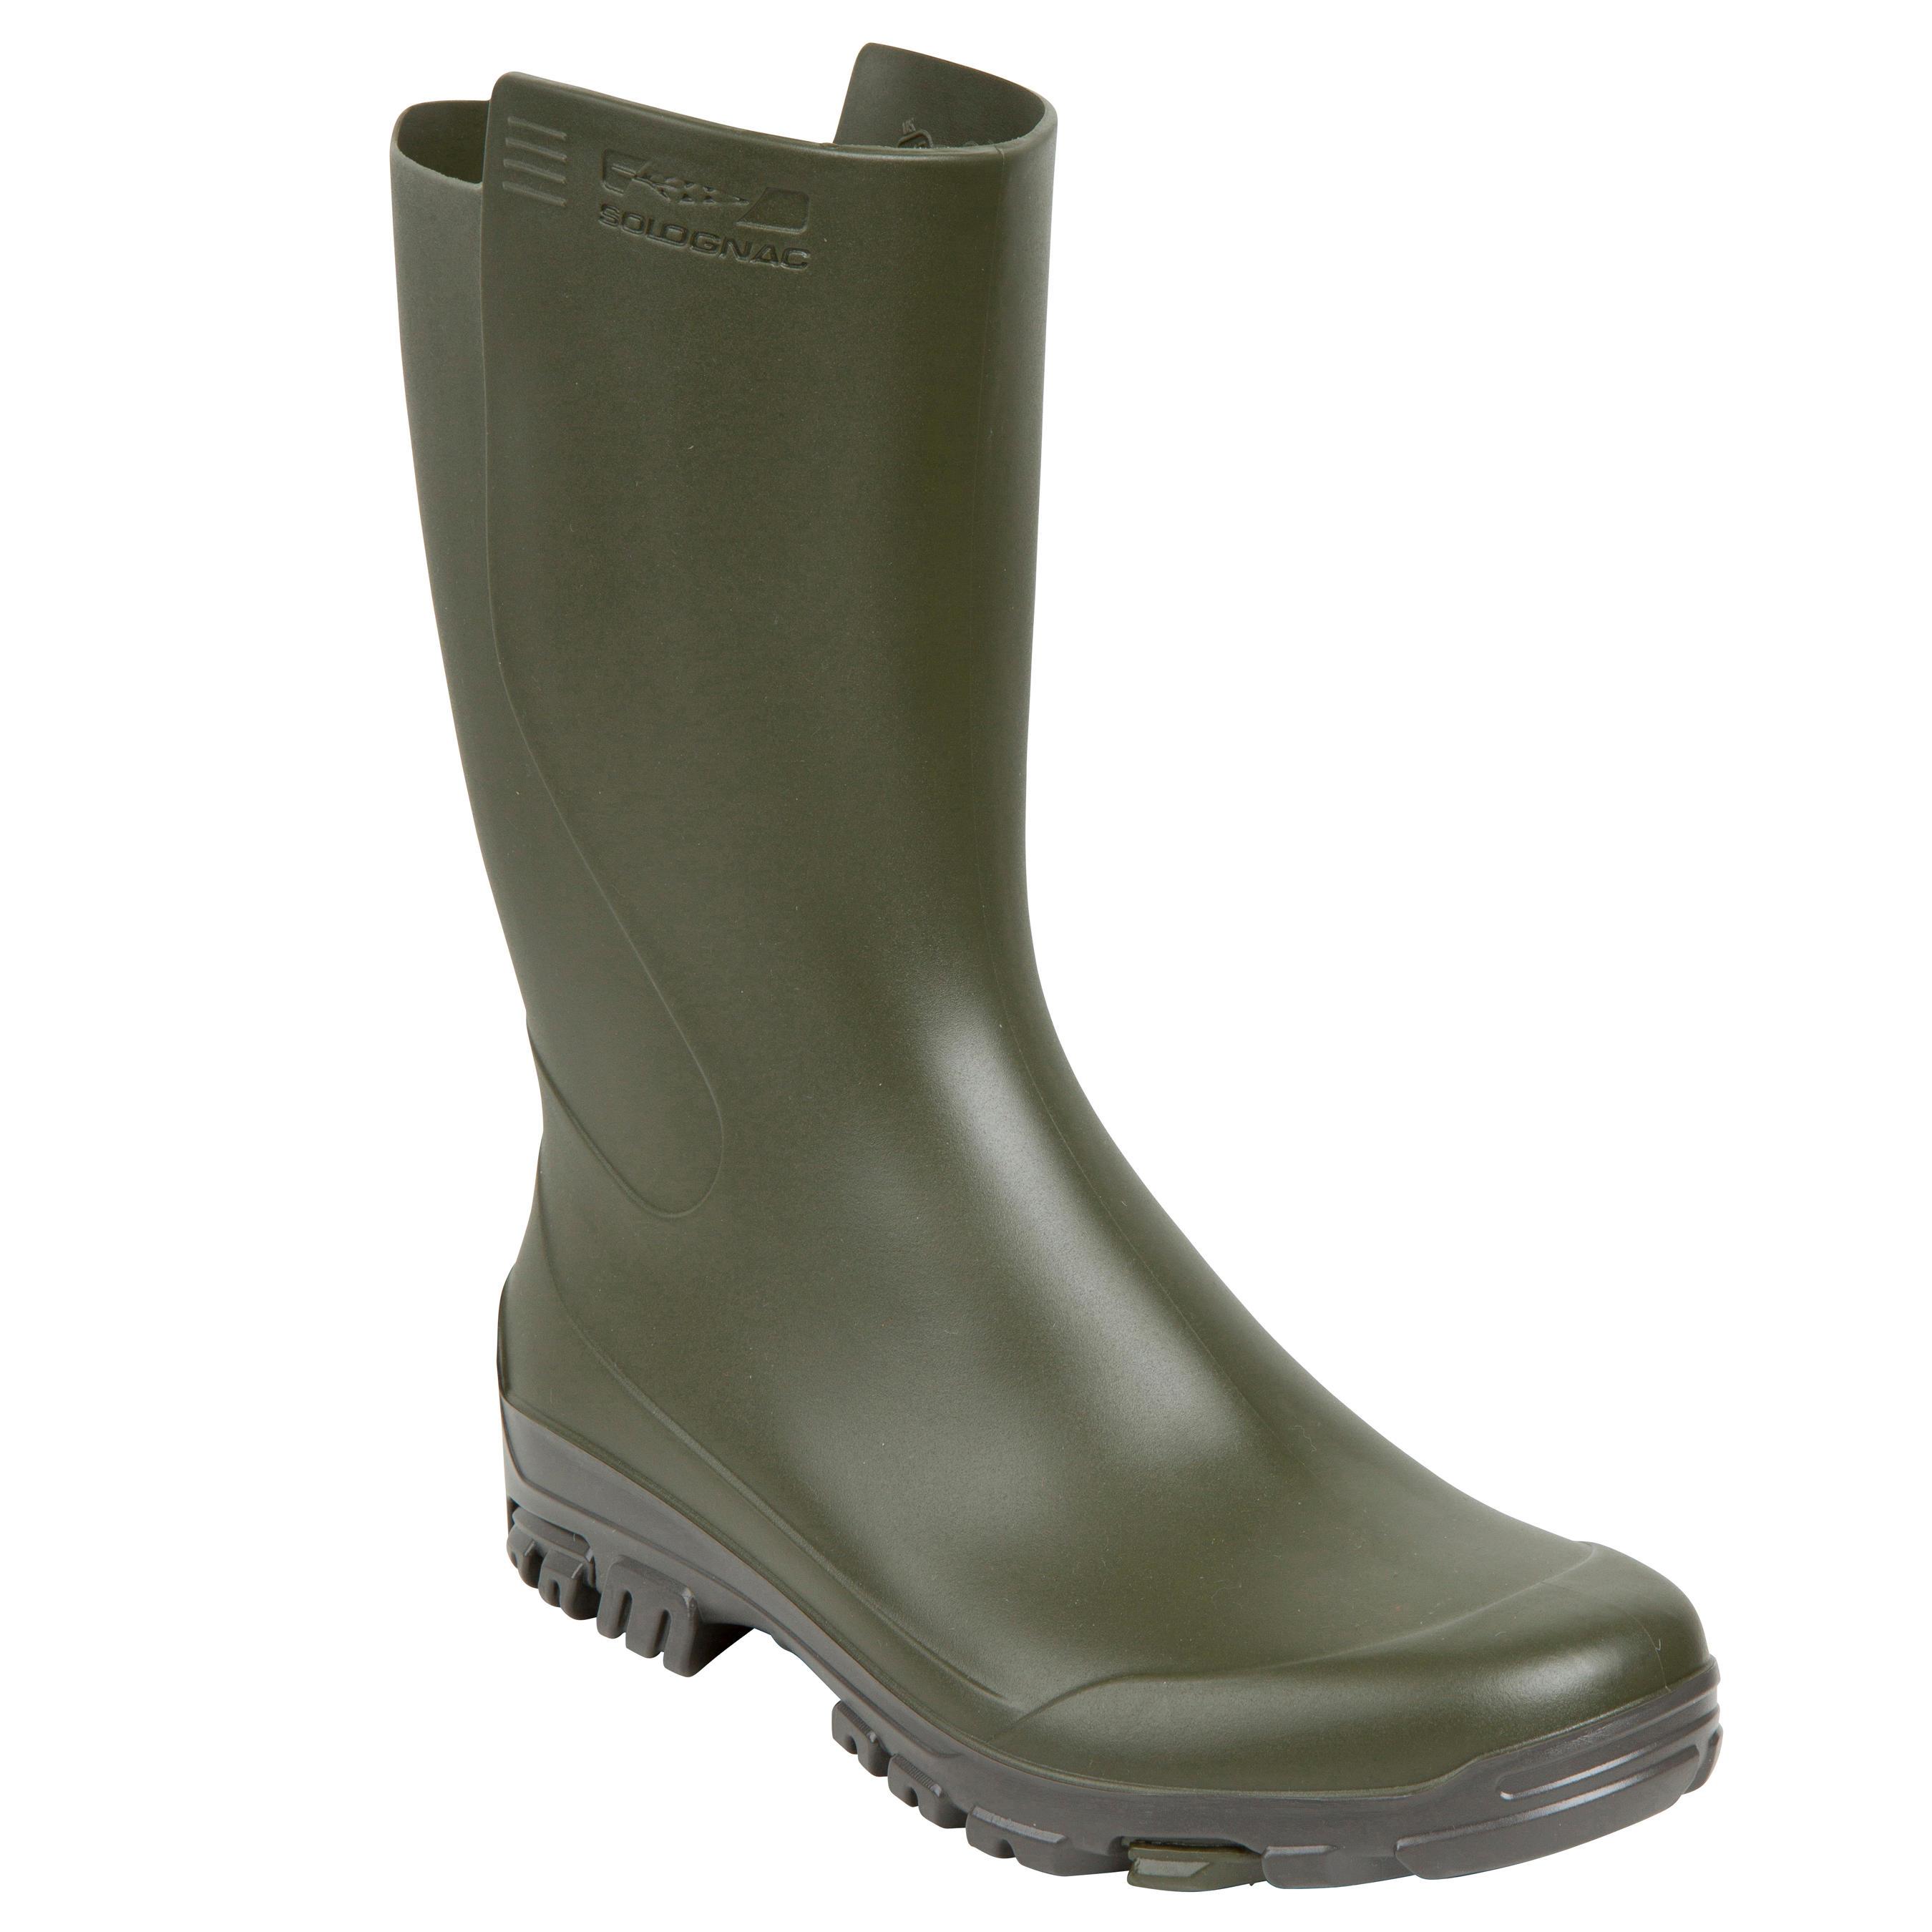 Calidad superior nueva especiales diseñador de moda Comprar botas de agua para niños online | Decathlon